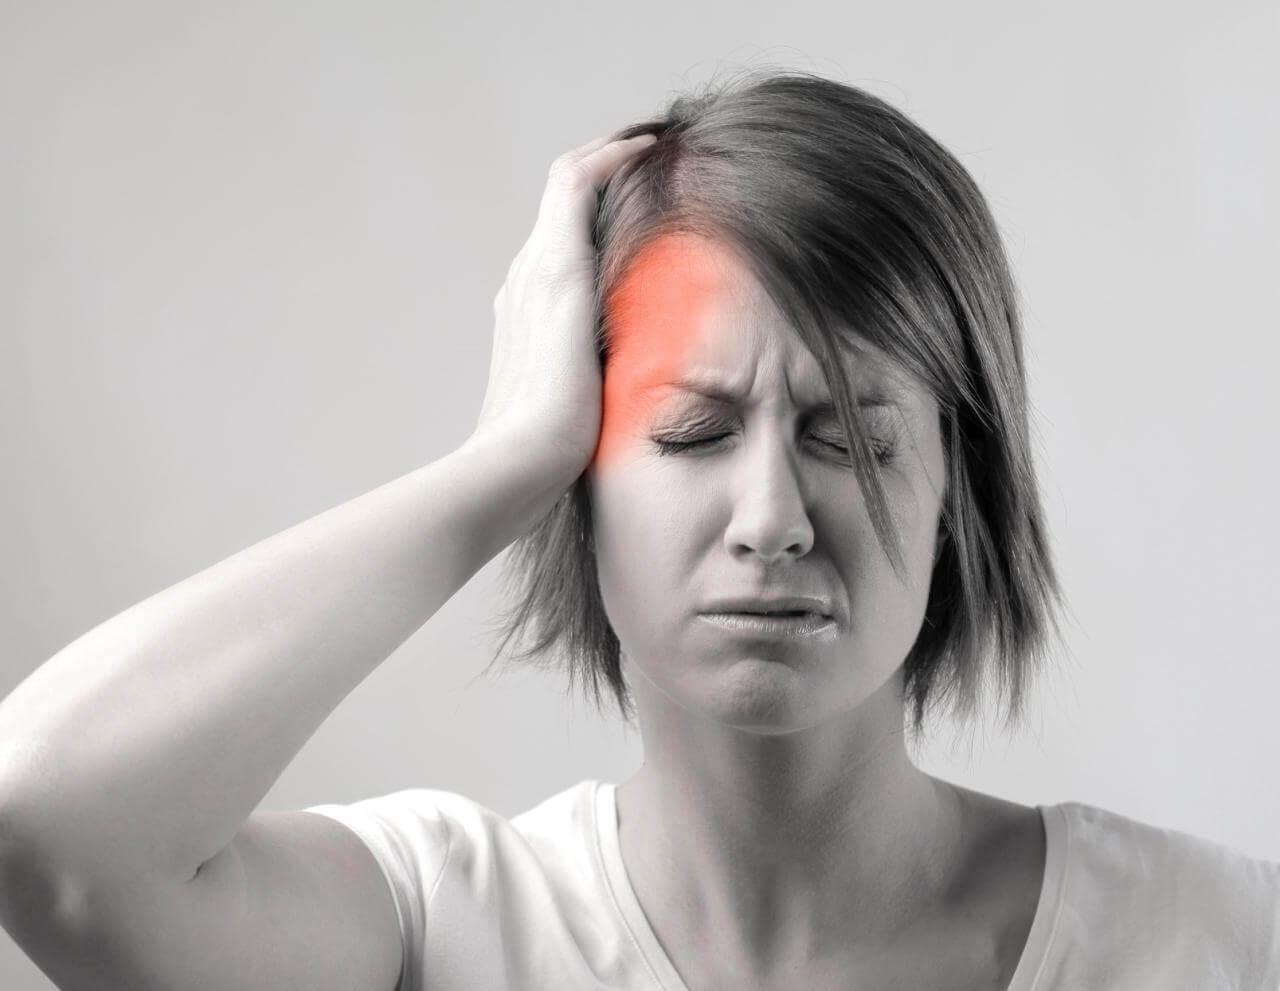 Инсульт геморрагический (правая сторона): признаки и последствия